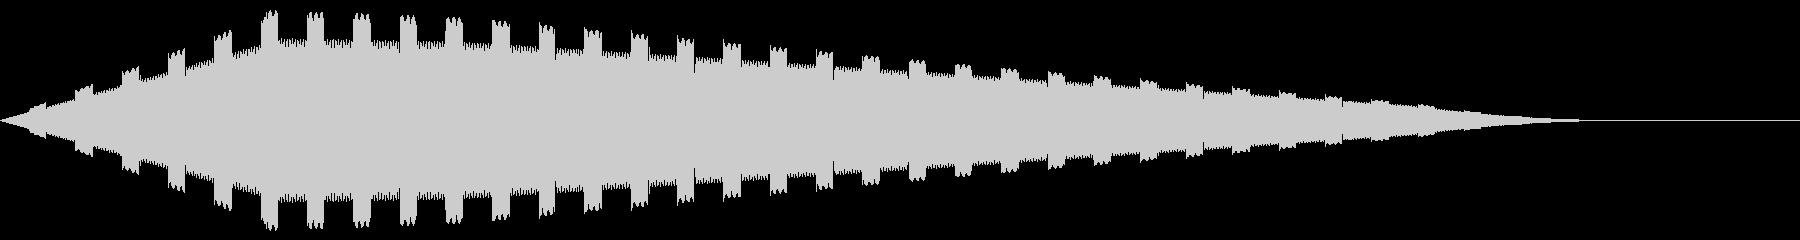 パララ(エラー/警告/出現/レトロ/GBの未再生の波形